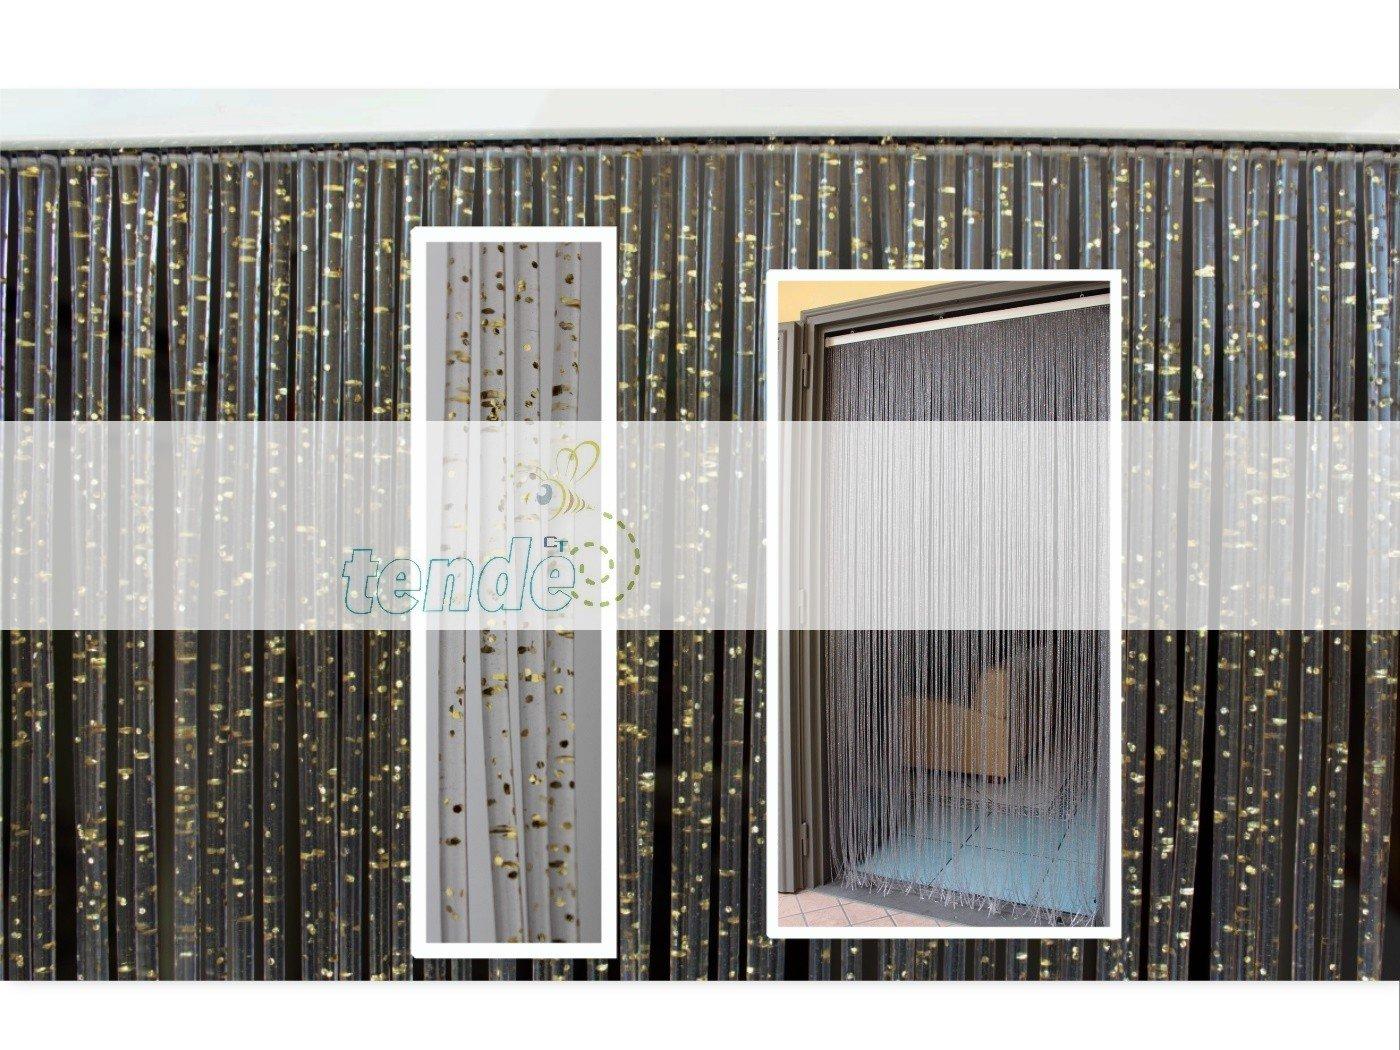 Cirillo Tende PVC-Türvorhänge Modell Diamante - Eichmaß 100X220   120X230   130X240   150X250 - Fliegenvorhang - Kunststoff-Vorhänge (120X230, Silber (2)) B01E772LS0 Transparente Gardinen